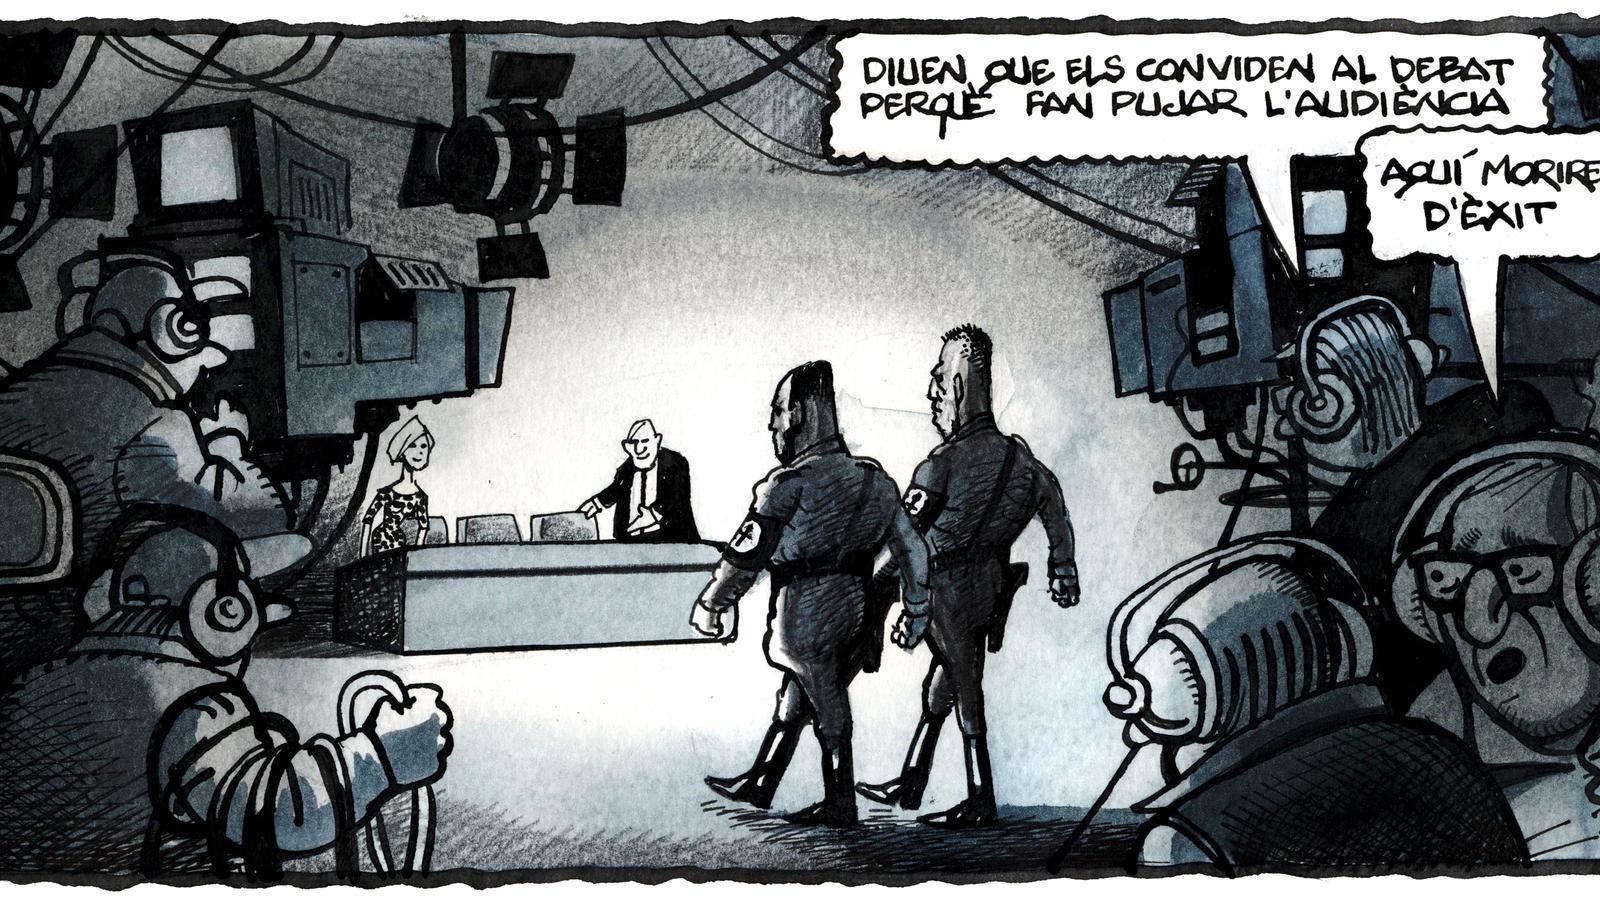 'A la contra', per Ferreres (20/04/2019)